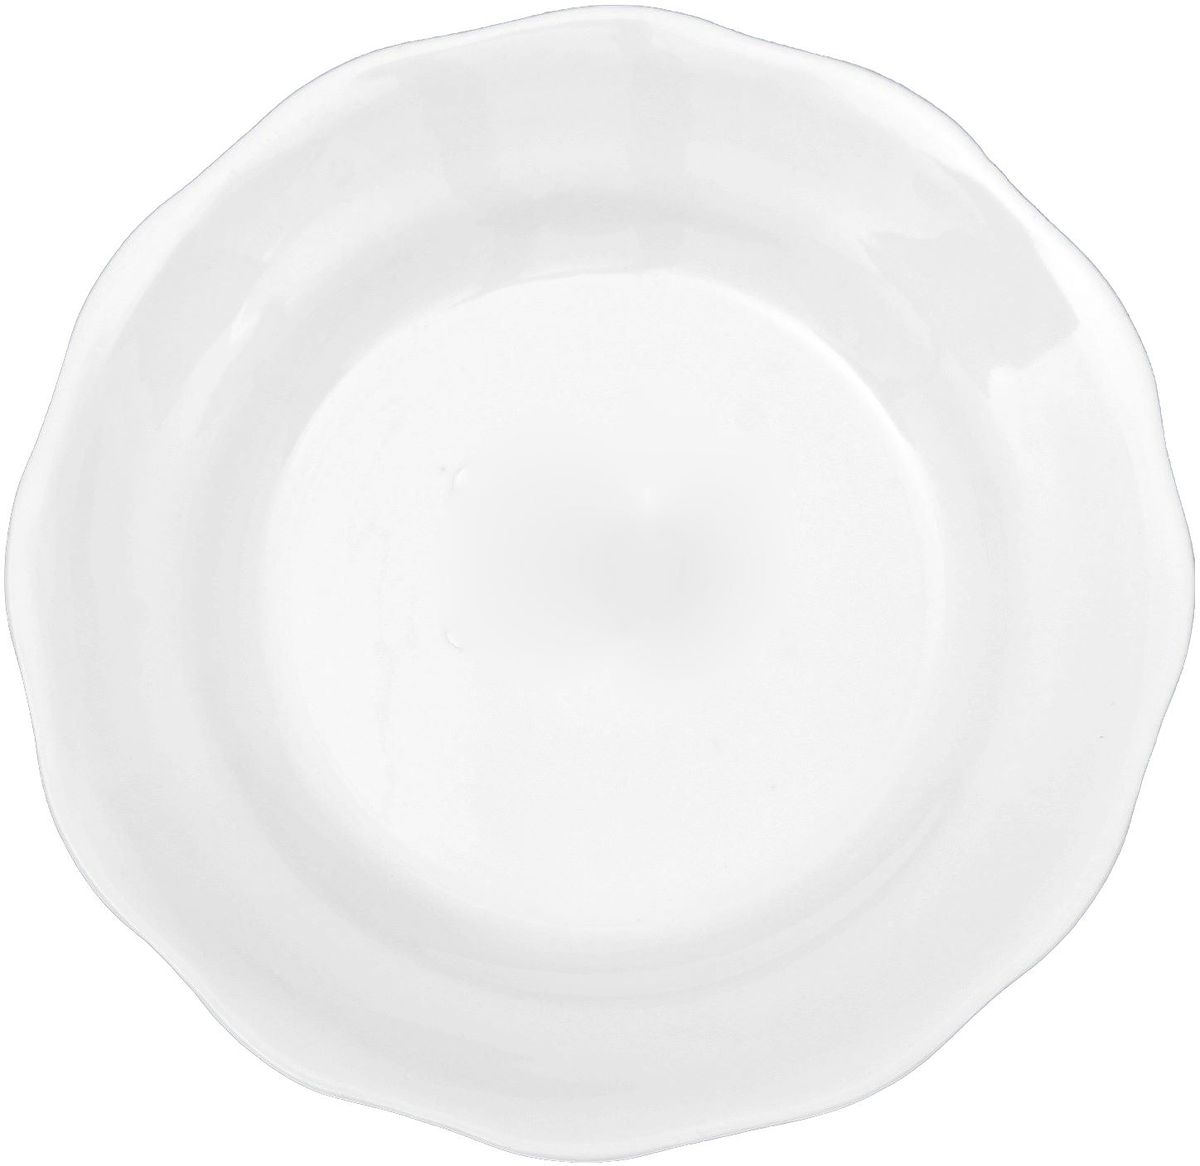 Тарелка Turon Porcelain Классика, диаметр 12,5 см1625425Тарелка Turon Porcelain Классика выполнена из фарфора. Она подойдёт для повседневной и праздничной сервировки. Дополните стол текстилем и салфетками в тон, чтобы получить элегантное убранство с яркими акцентами. Узбекская посуда известна всему миру уже более тысячи лет. Ей любовались царские особы, на ней подавали еду шейхам и знатным персонам. Формула глазури передаётся из поколения в поколение. По сей день качественные изделия продолжают восхищать своей идеальной формой. Диаметр тарелки: 12,5 см. Высота: 2 см.